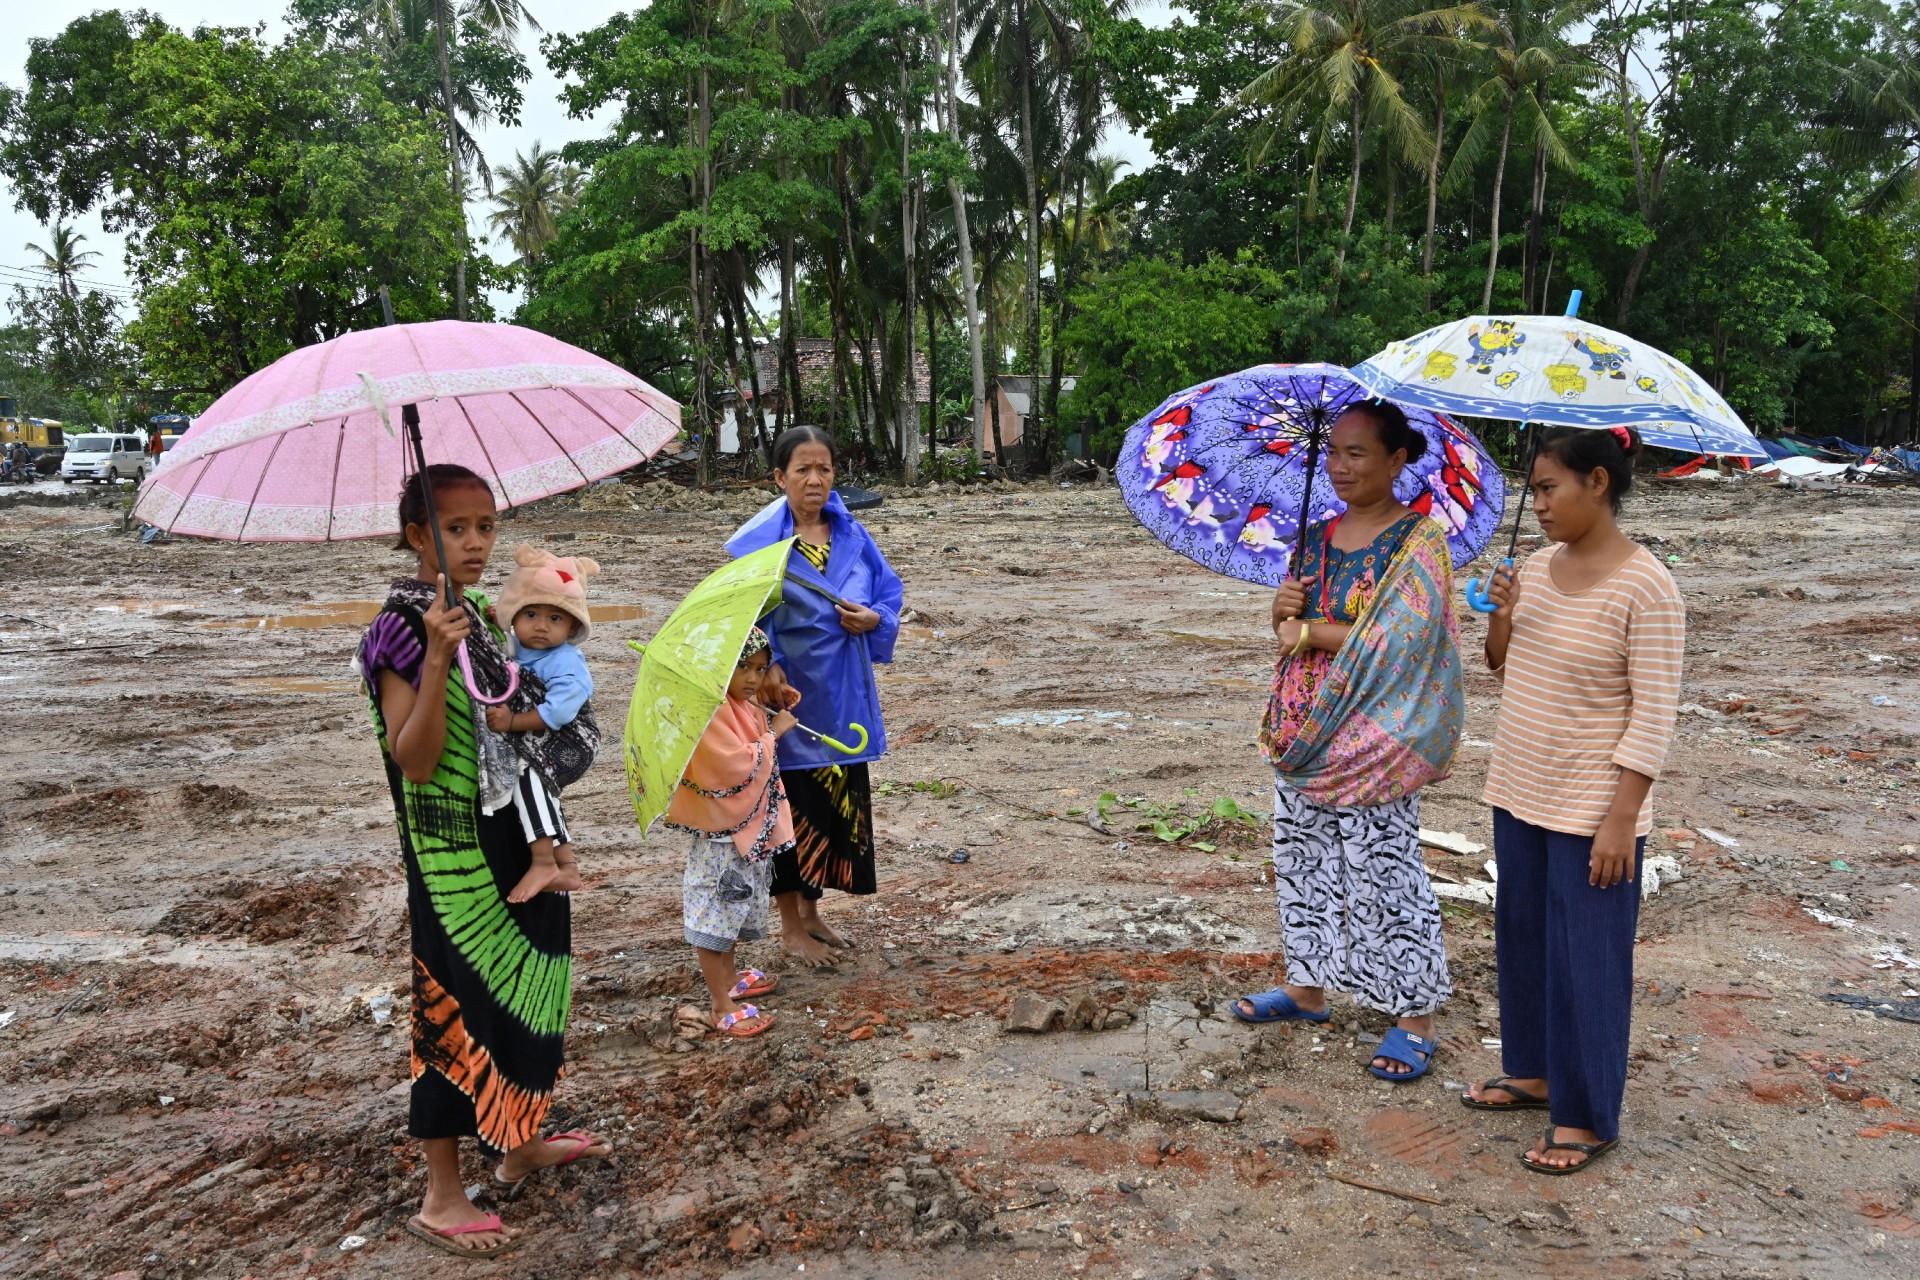 Los sobrevivientes se ubican en un área afectada por el tsunami en la aldea de Sumber Jaya en Sumur, Pandeglang, provincia de Banten, el 25 de diciembre de 2018.